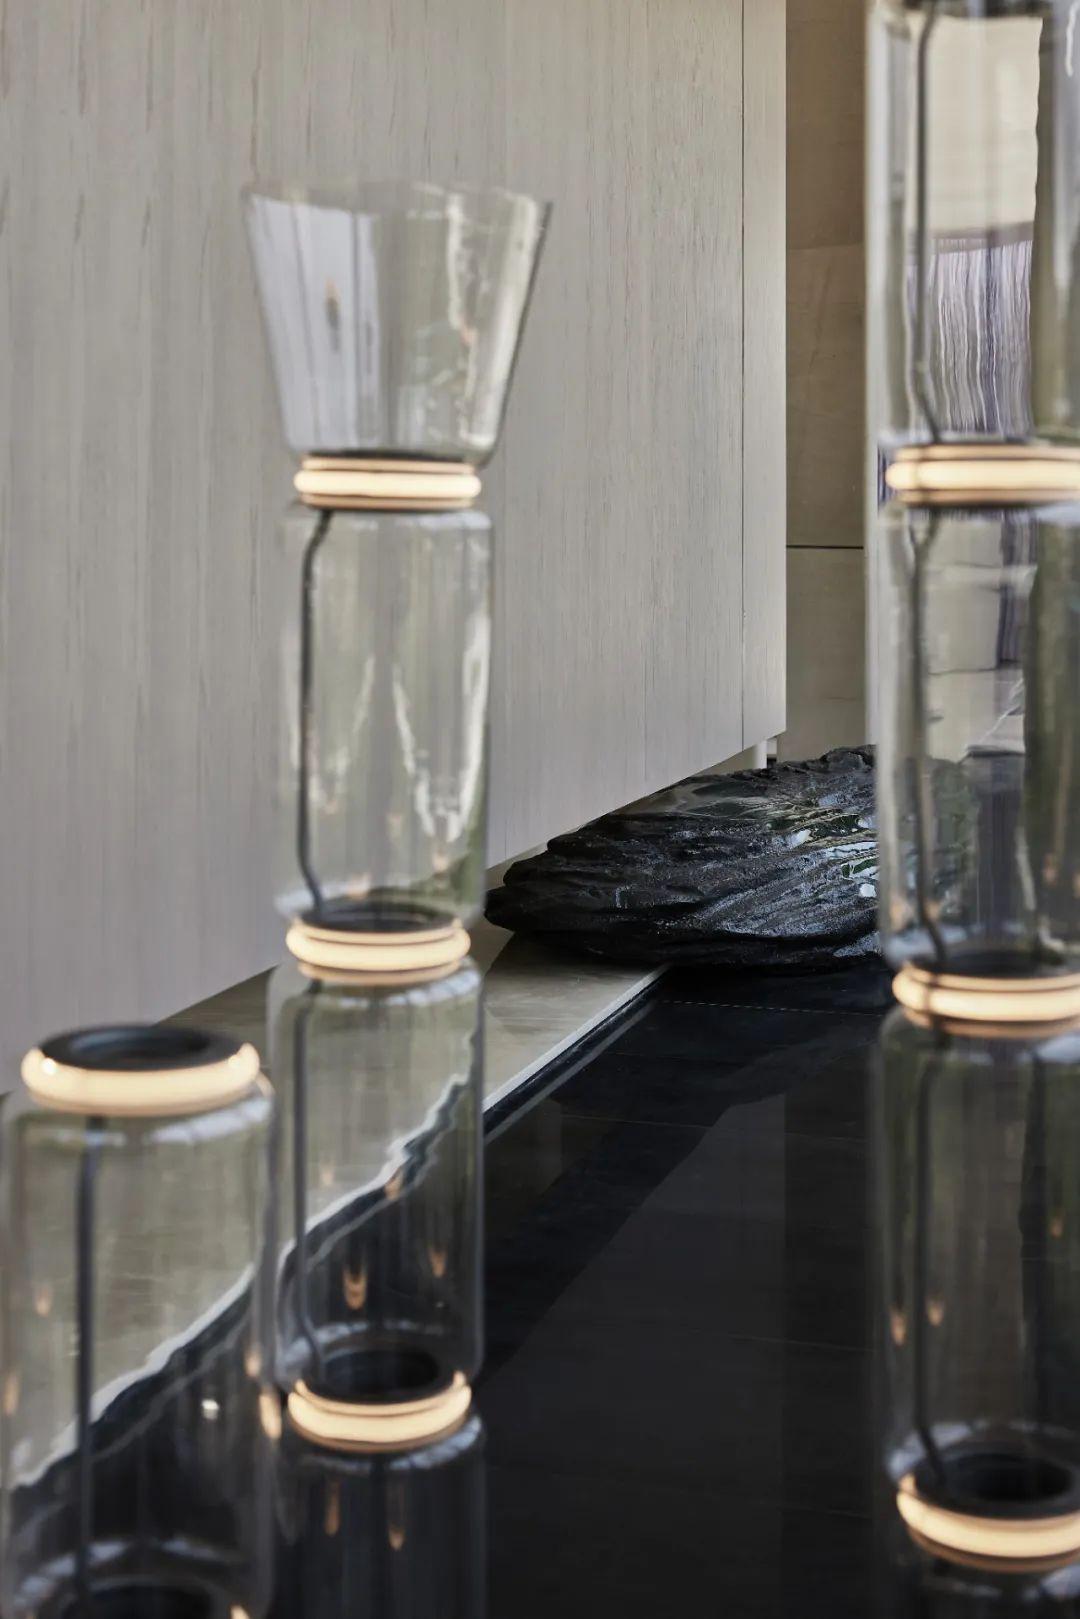 常熟 龙湖 熙上销售体验中心 室内设计  /  上海筑详建筑装饰设计有限公司